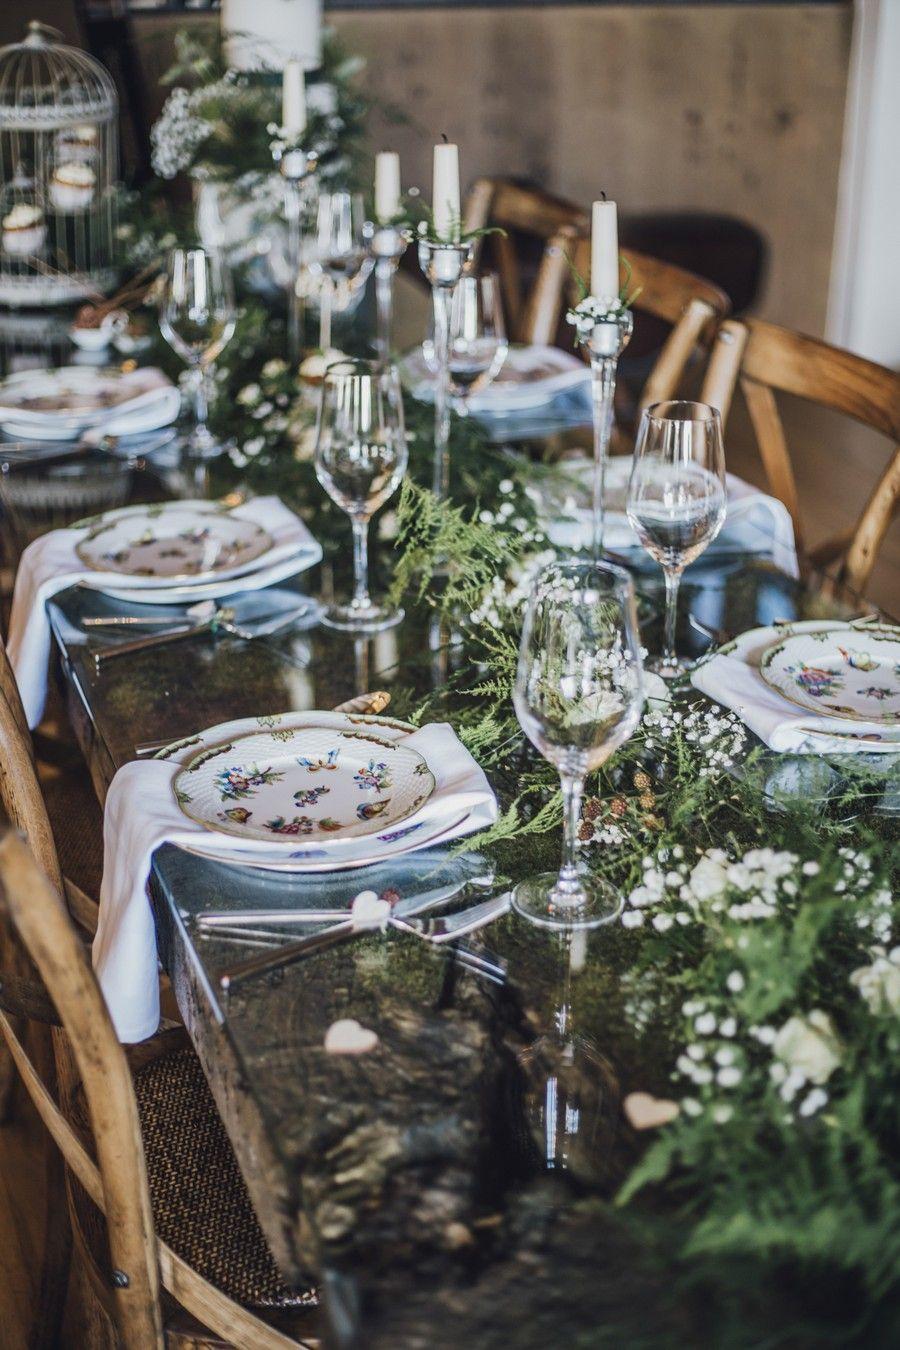 Ideen Fur Eine Waldhochzeit Mit Viel Natur Und Grun Die Tischdeko